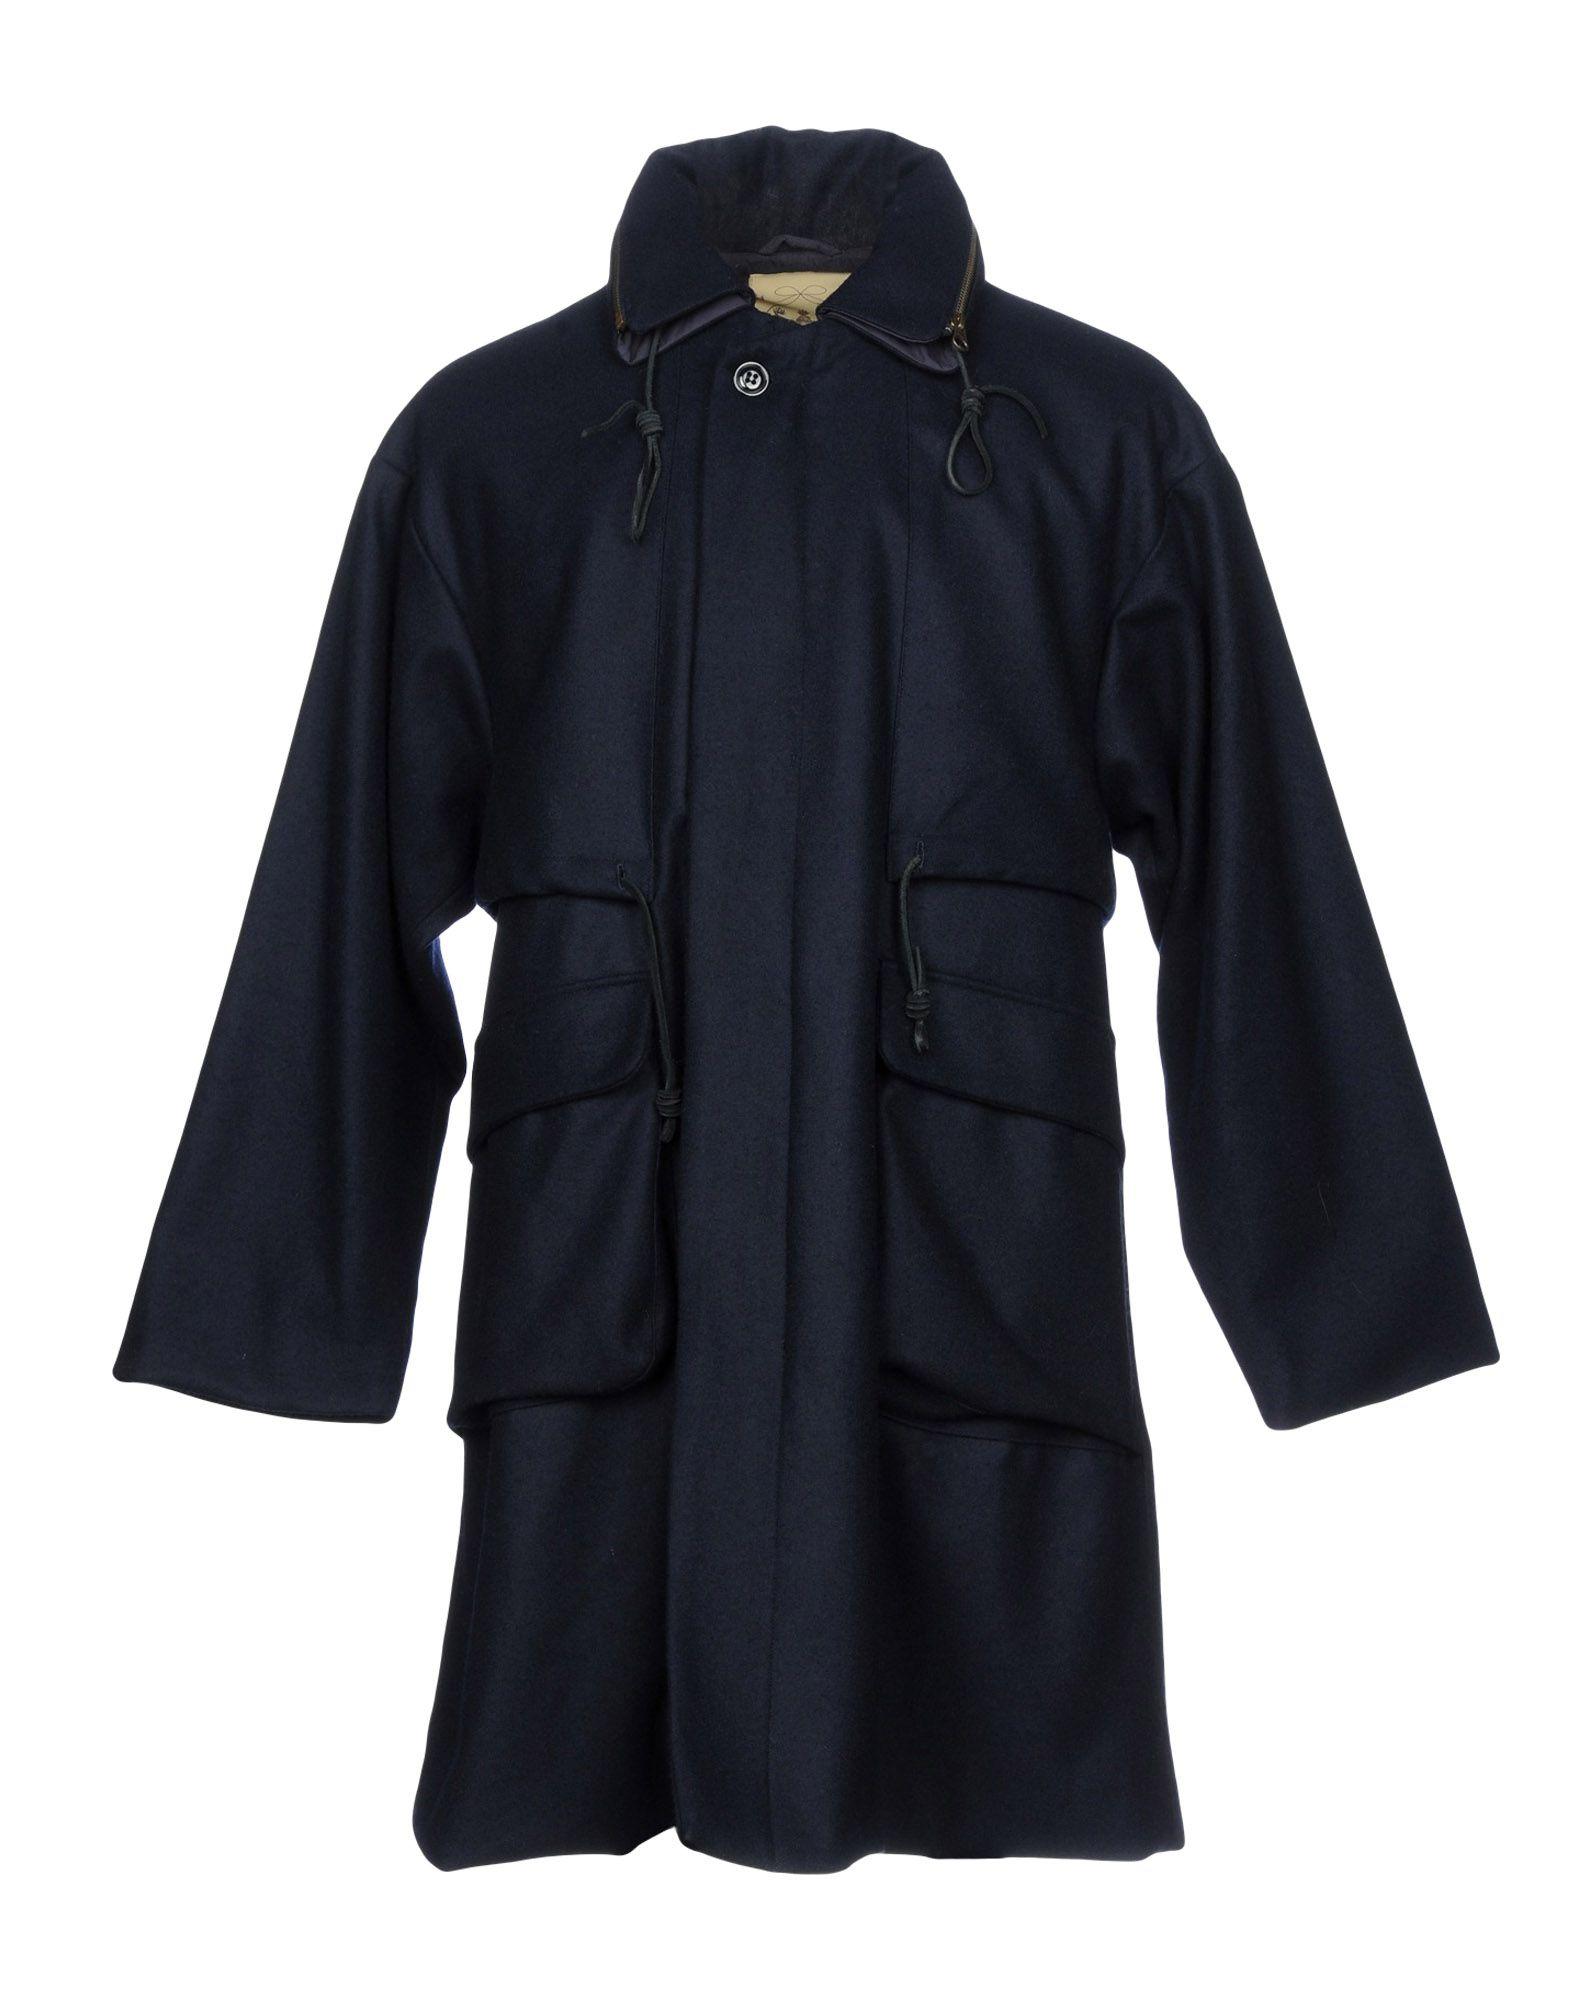 MONITALY Coat in Dark Blue